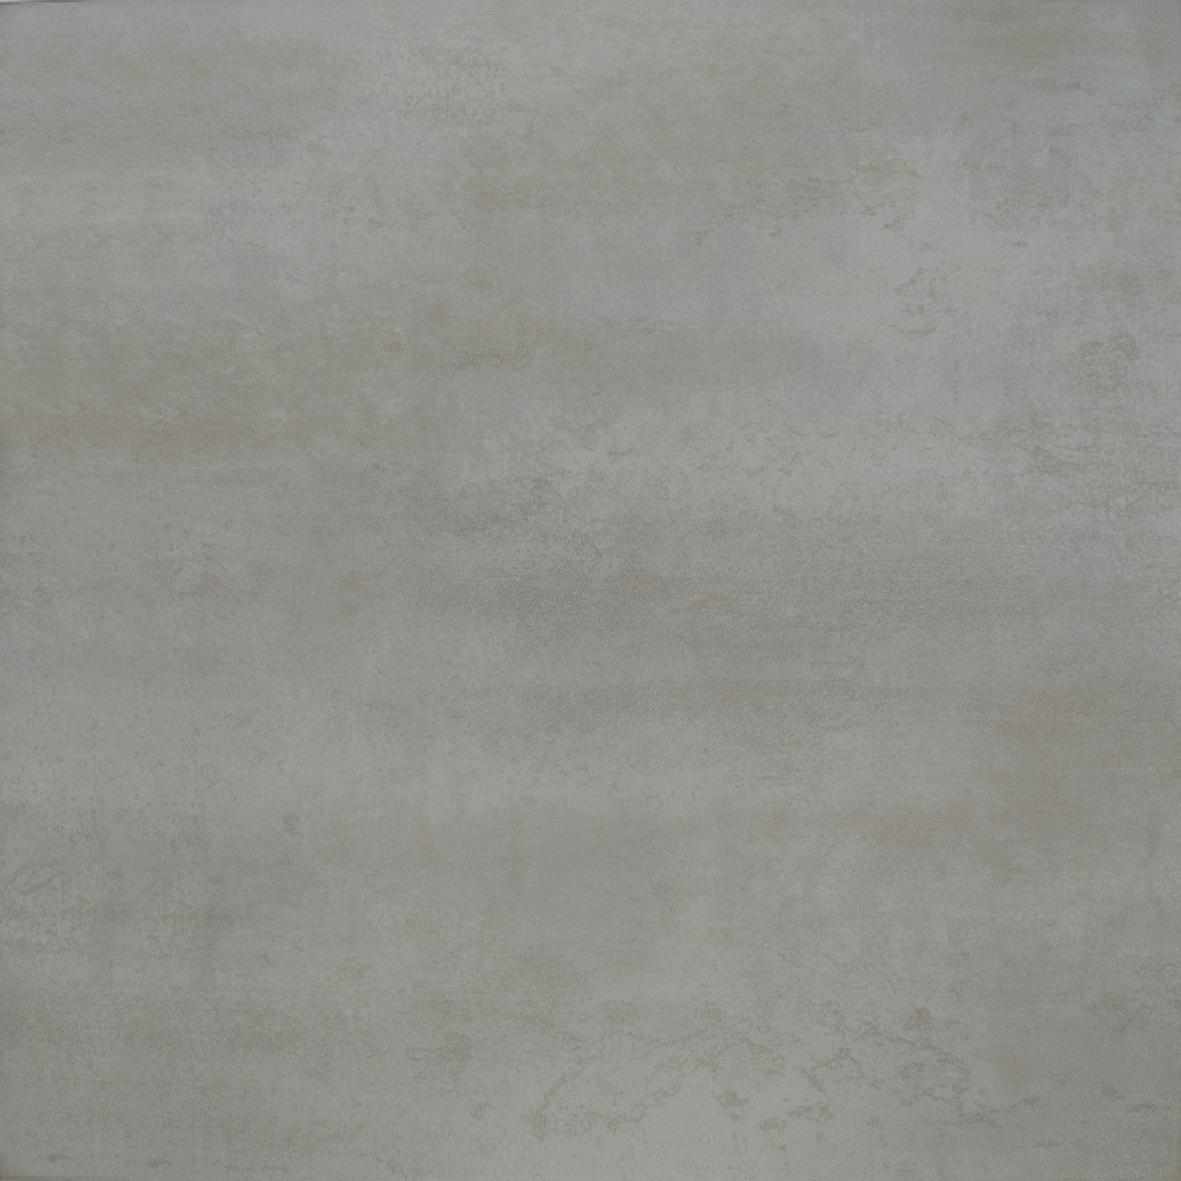 płytki gresowe podłogowe 60x60 matowe szare  Aparici Thor Grey Nat